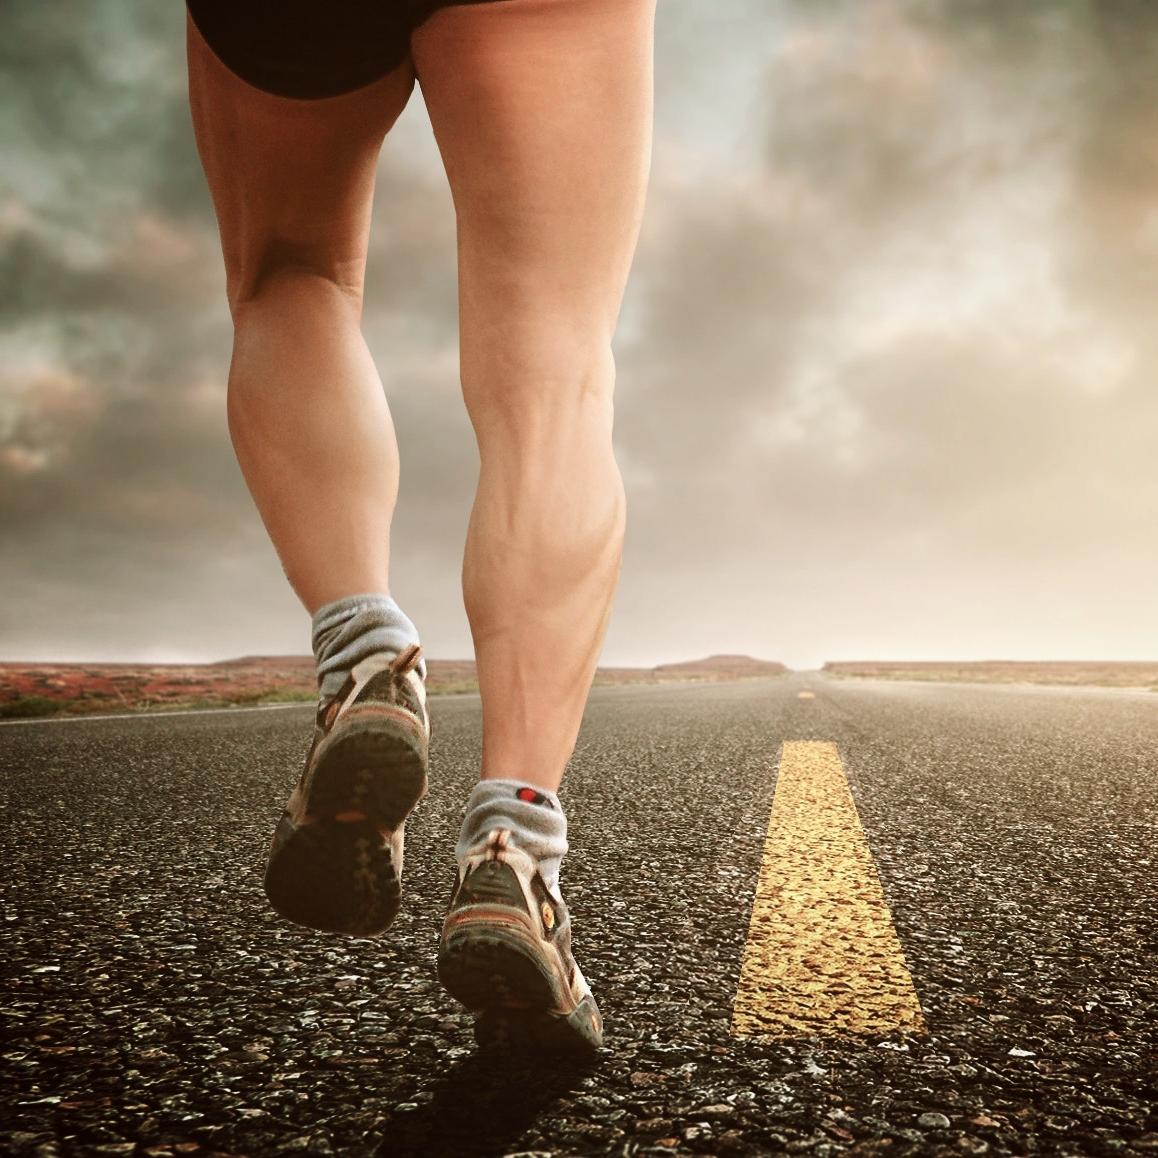 asphalt-clouds-endurance-421160.jpg